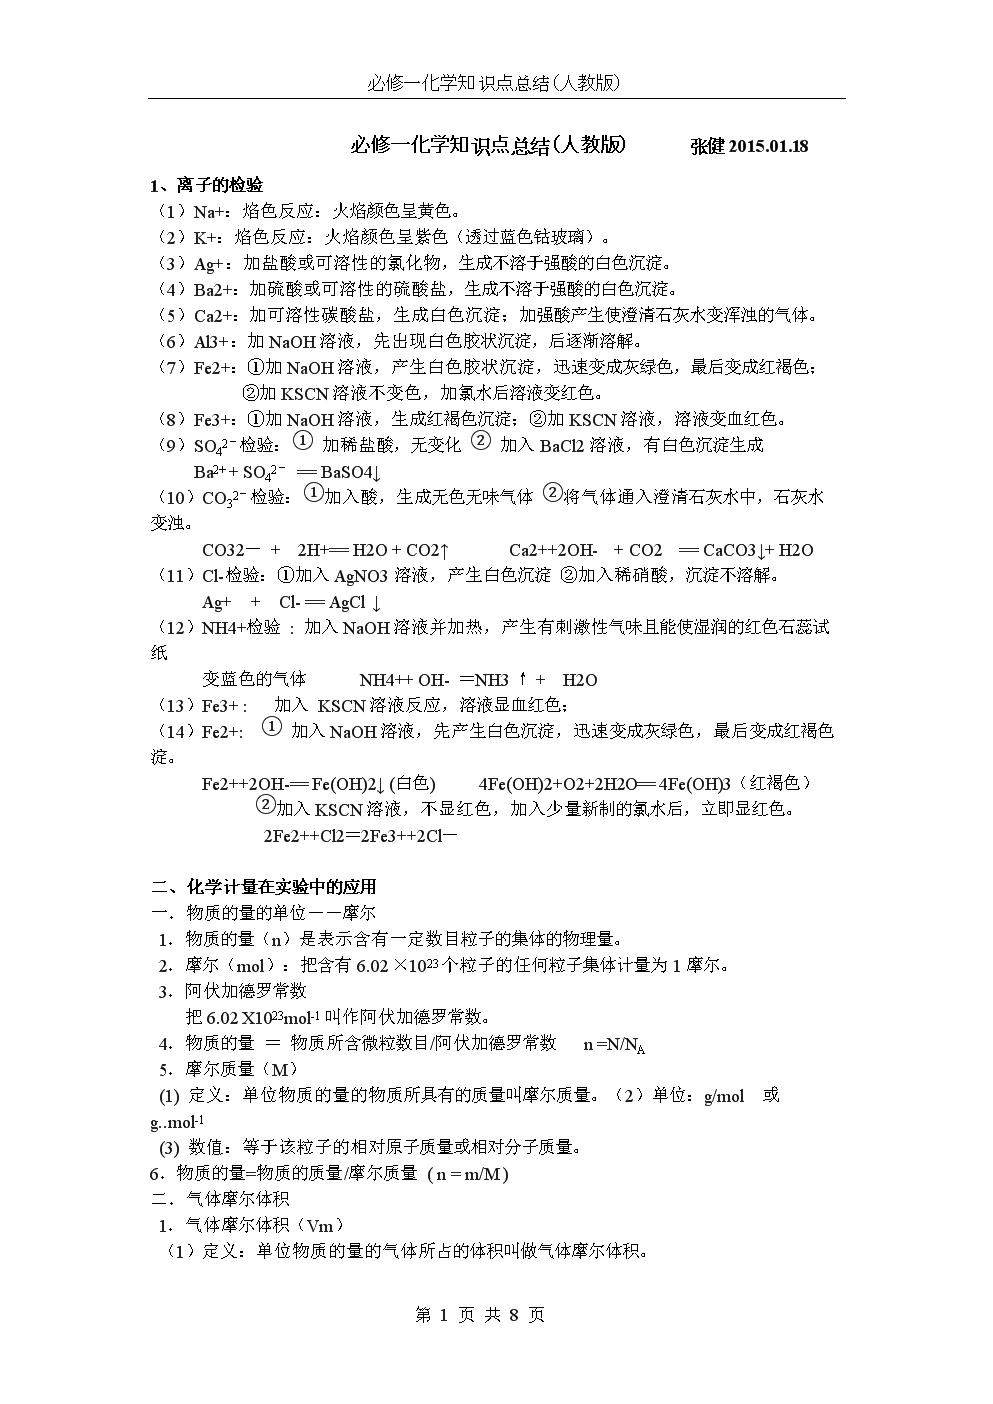 人教版高一化学必修一知识点总结(超全).doc